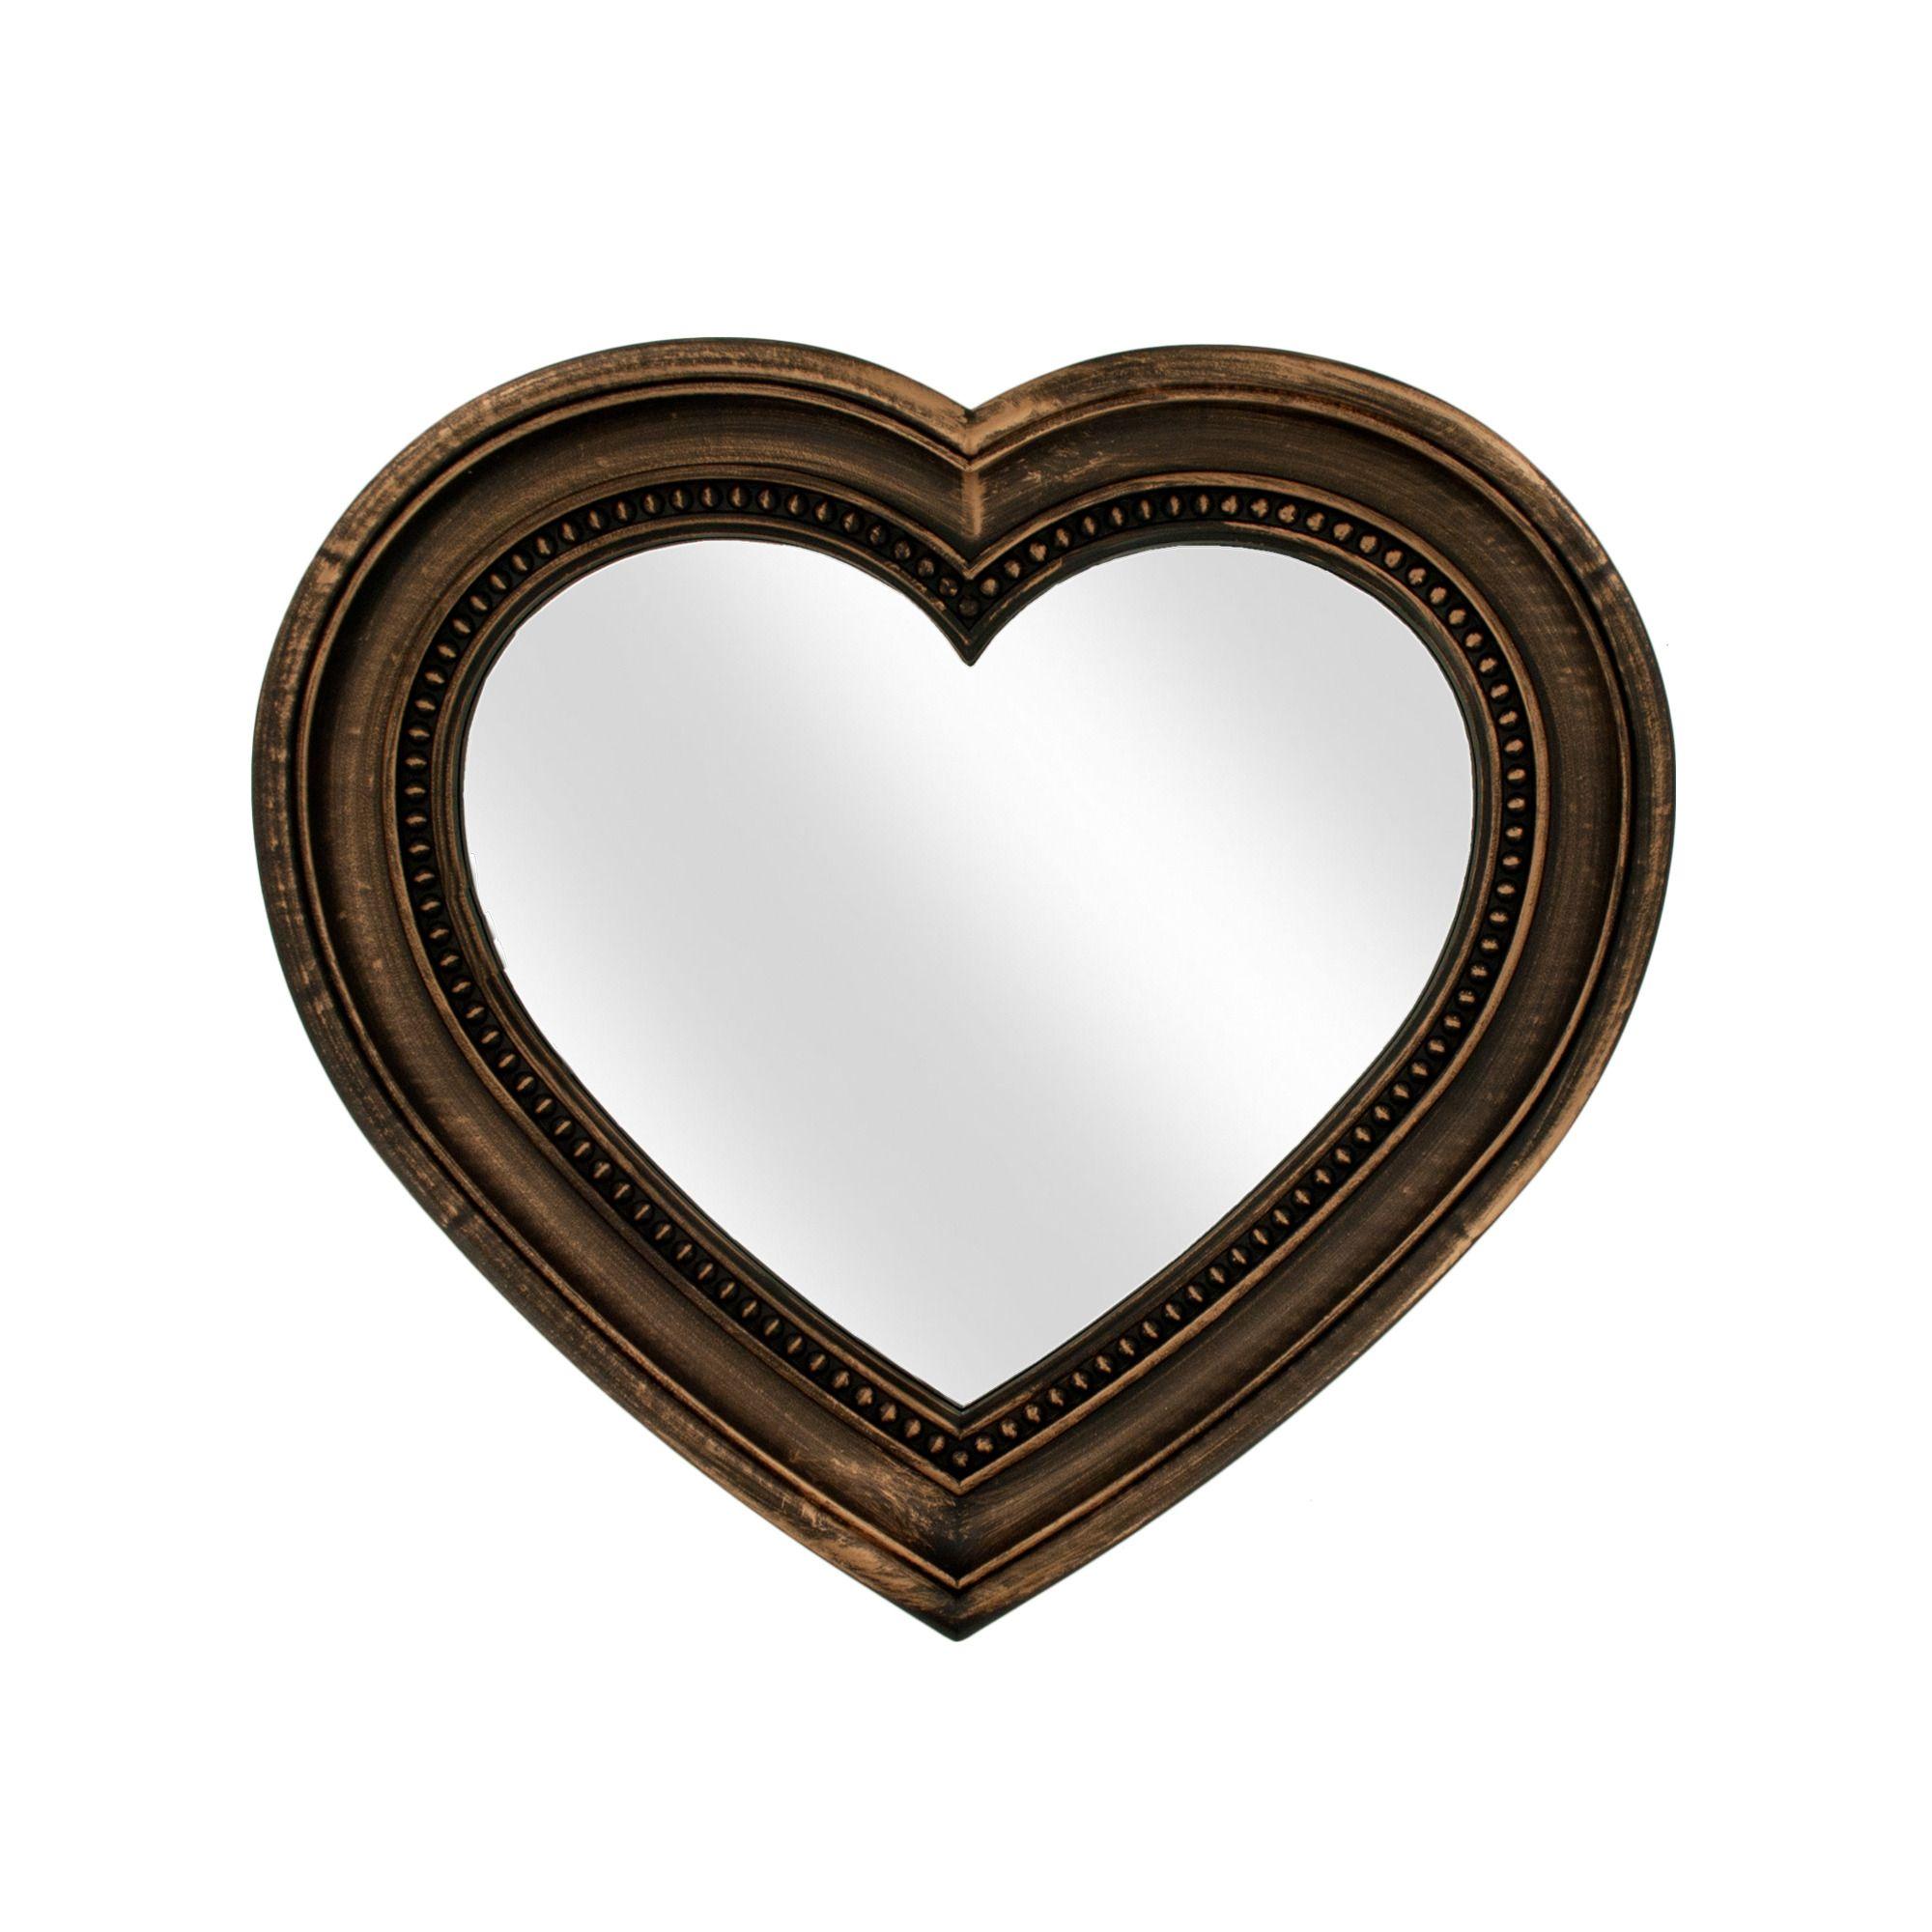 Antique Bronze Heart Shaped Mirror Heart Mirror Heart Shapes Heart Shaped Frame